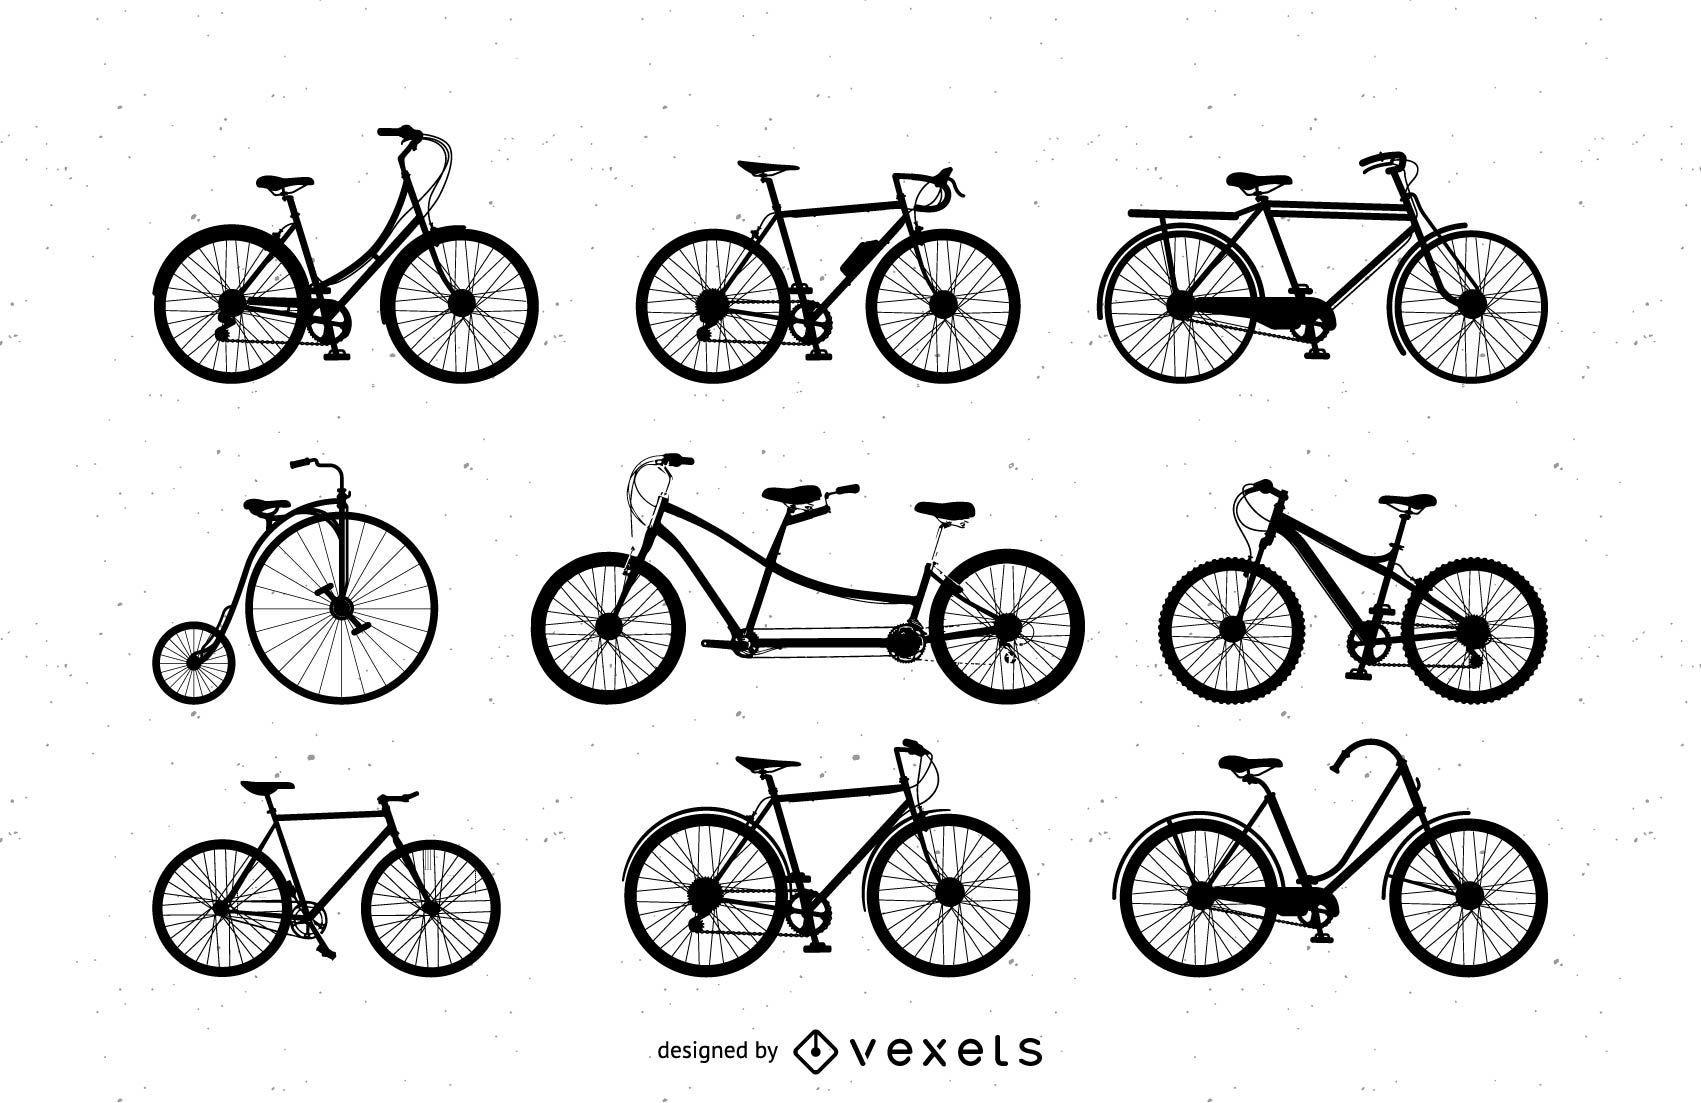 Arte vectorial: bicicletas